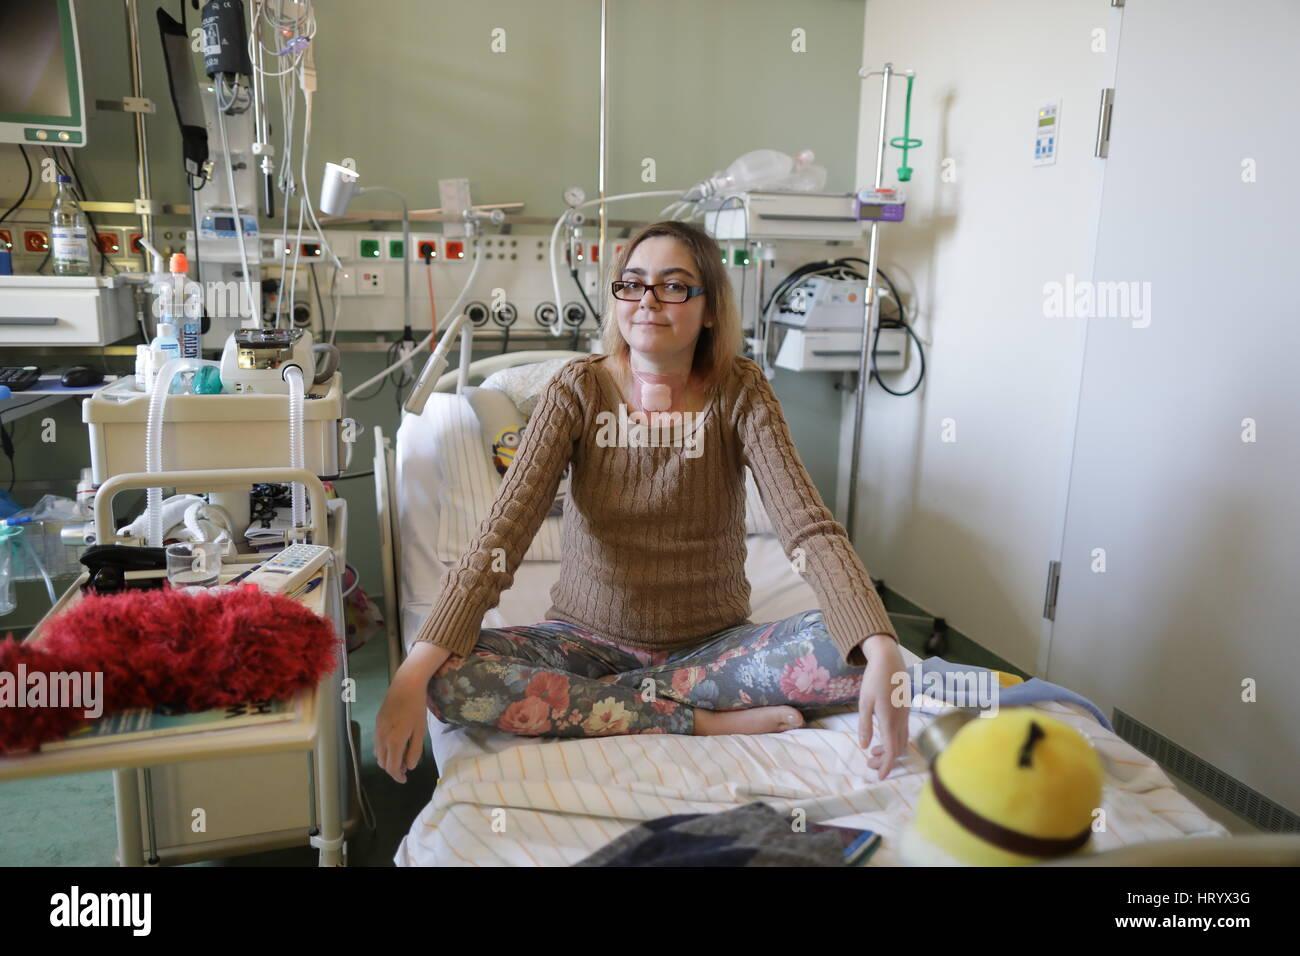 Berlín, Alemania. 6 nov, 2016. Sarah Schoenhoff se sienta en una habitación de paciente en el centro de Imagen De Stock